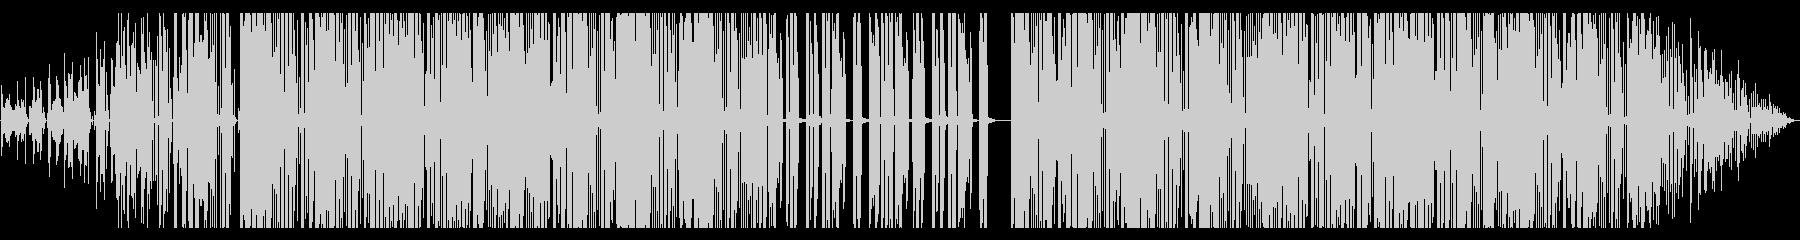 ハウス/ディスコ_No422の未再生の波形